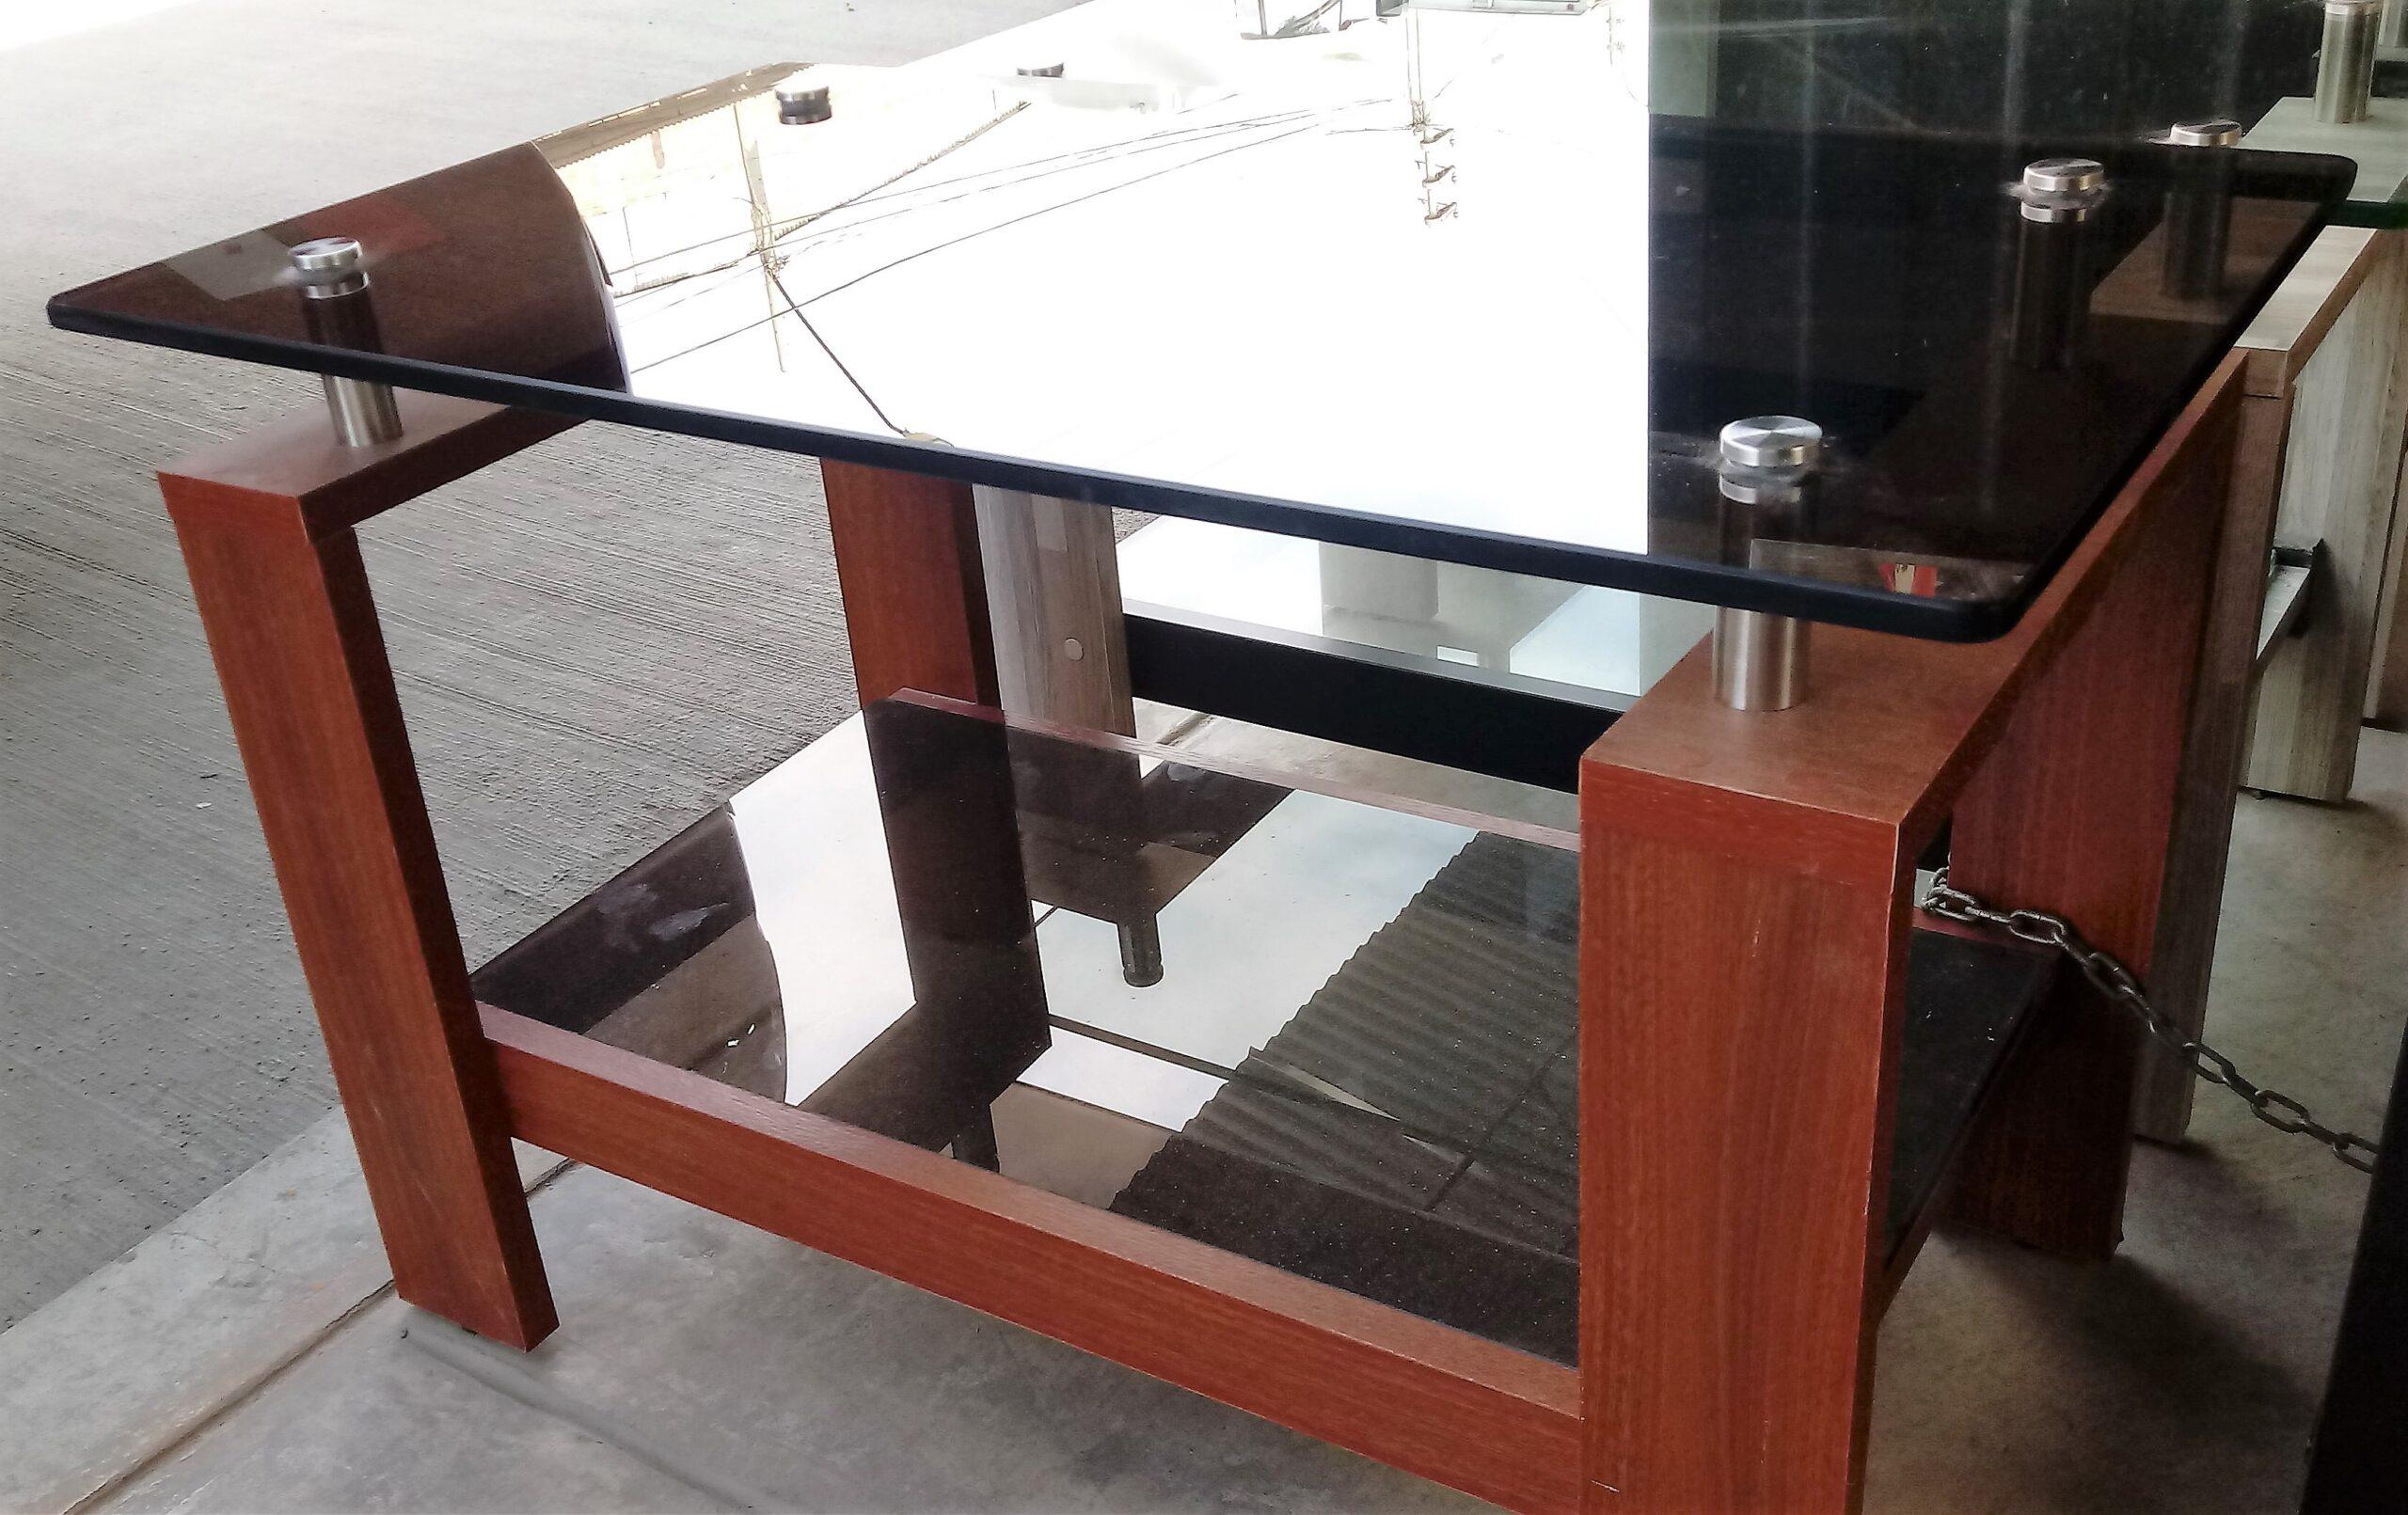 mesas de centro con melamine y dos tableros de vidrio